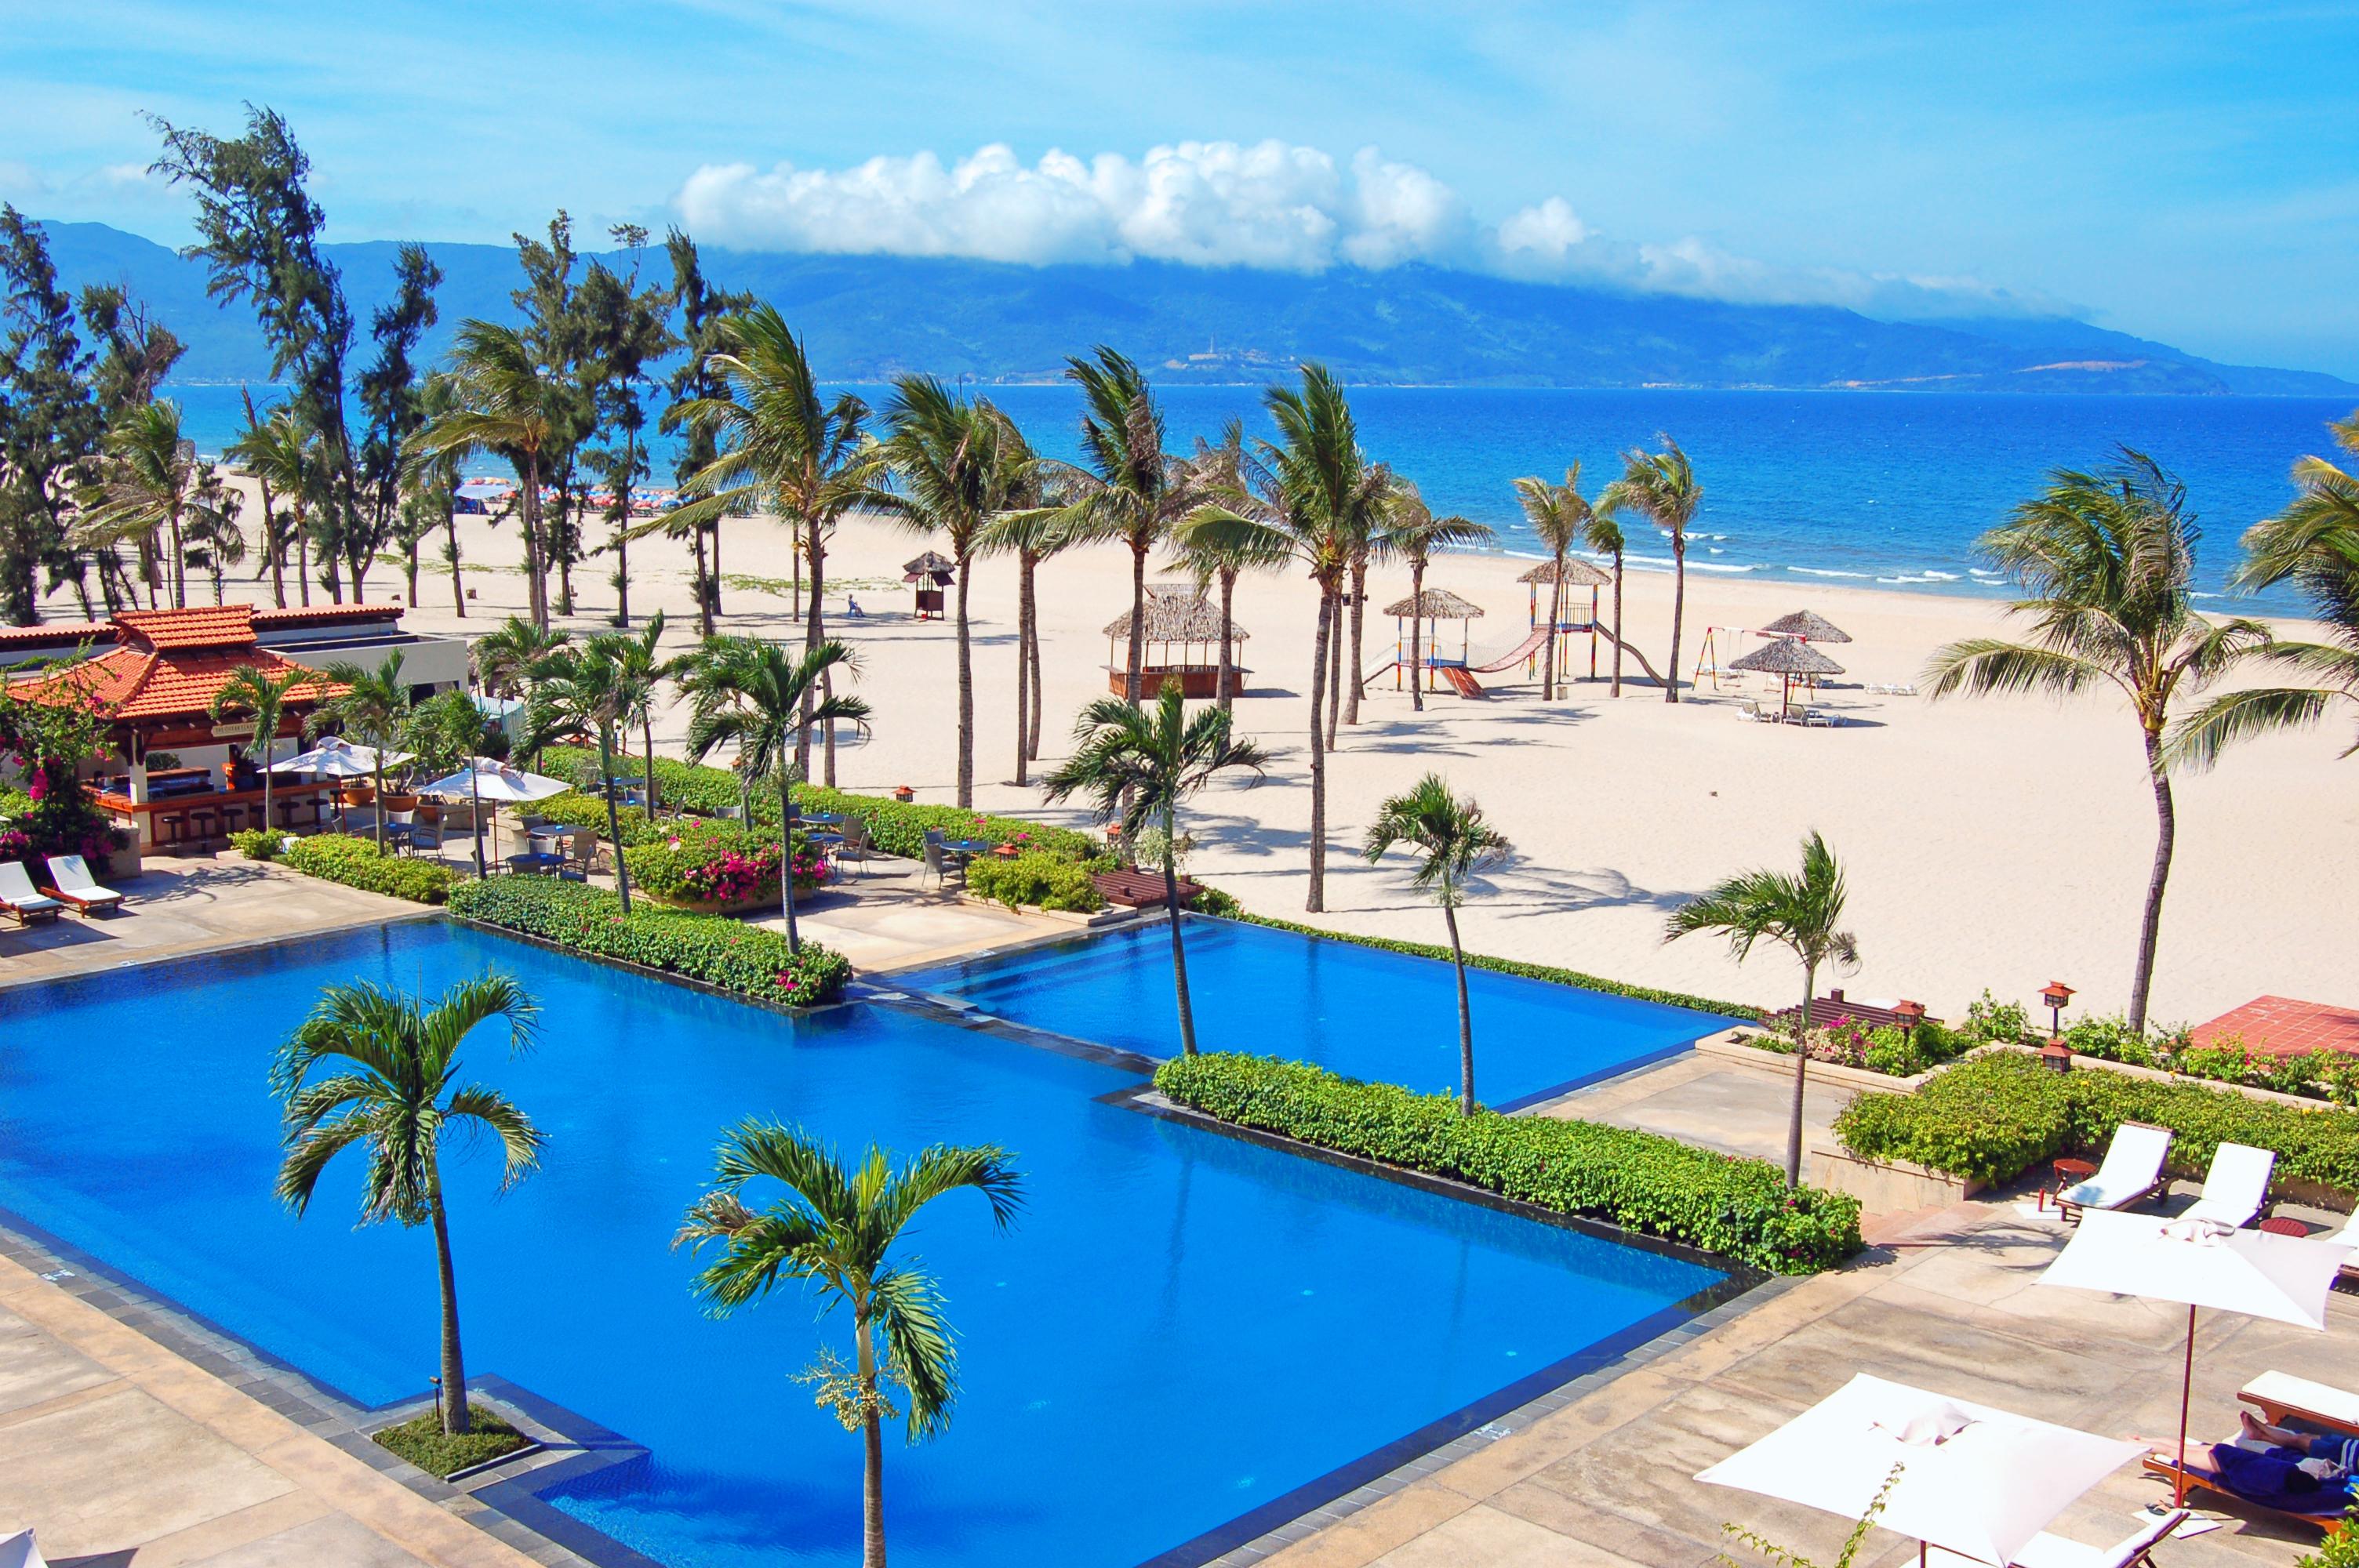 Вьетнам фото пляжей и отелей цены